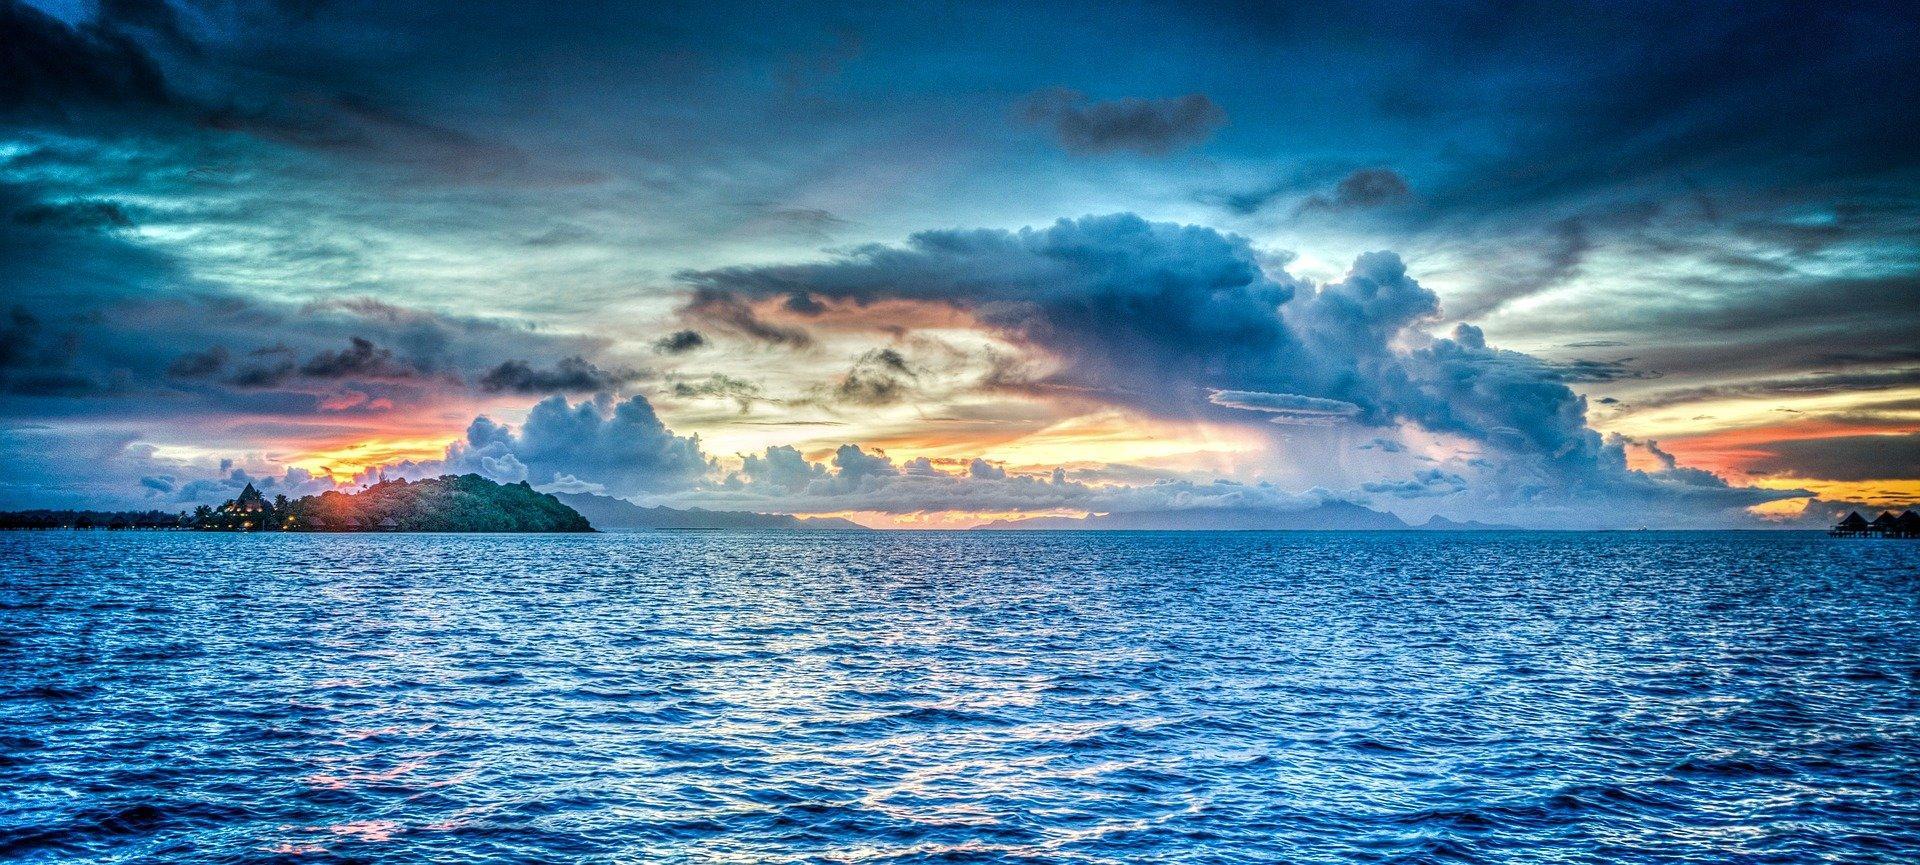 Скорость циркуляции воды в Атлантике упала до самого низкого за 1000 лет уровня